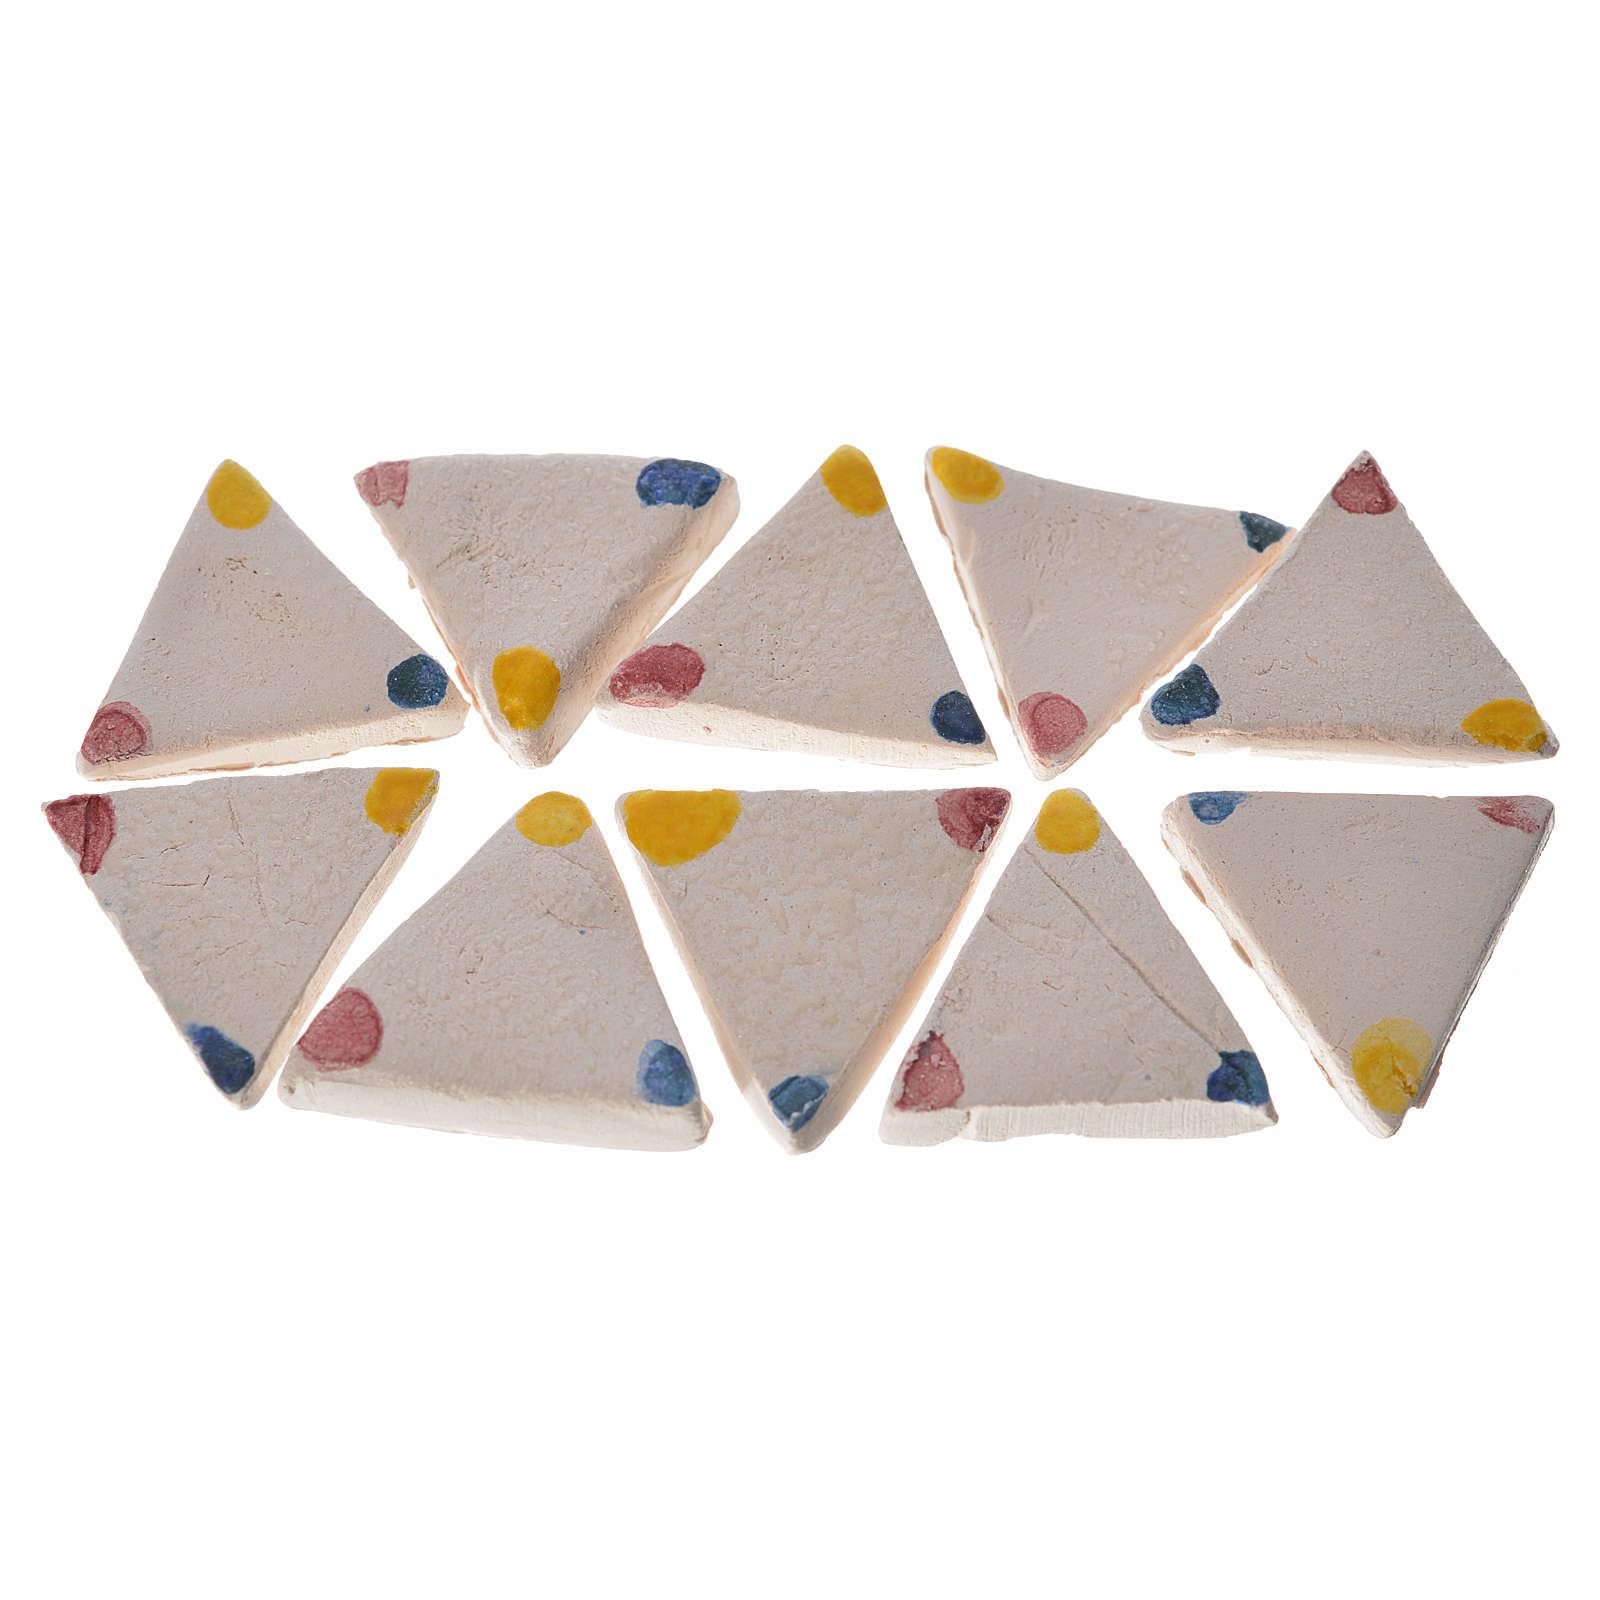 Mattonelle terracotta smaltate 60 pz triangolari punti multicolo 4